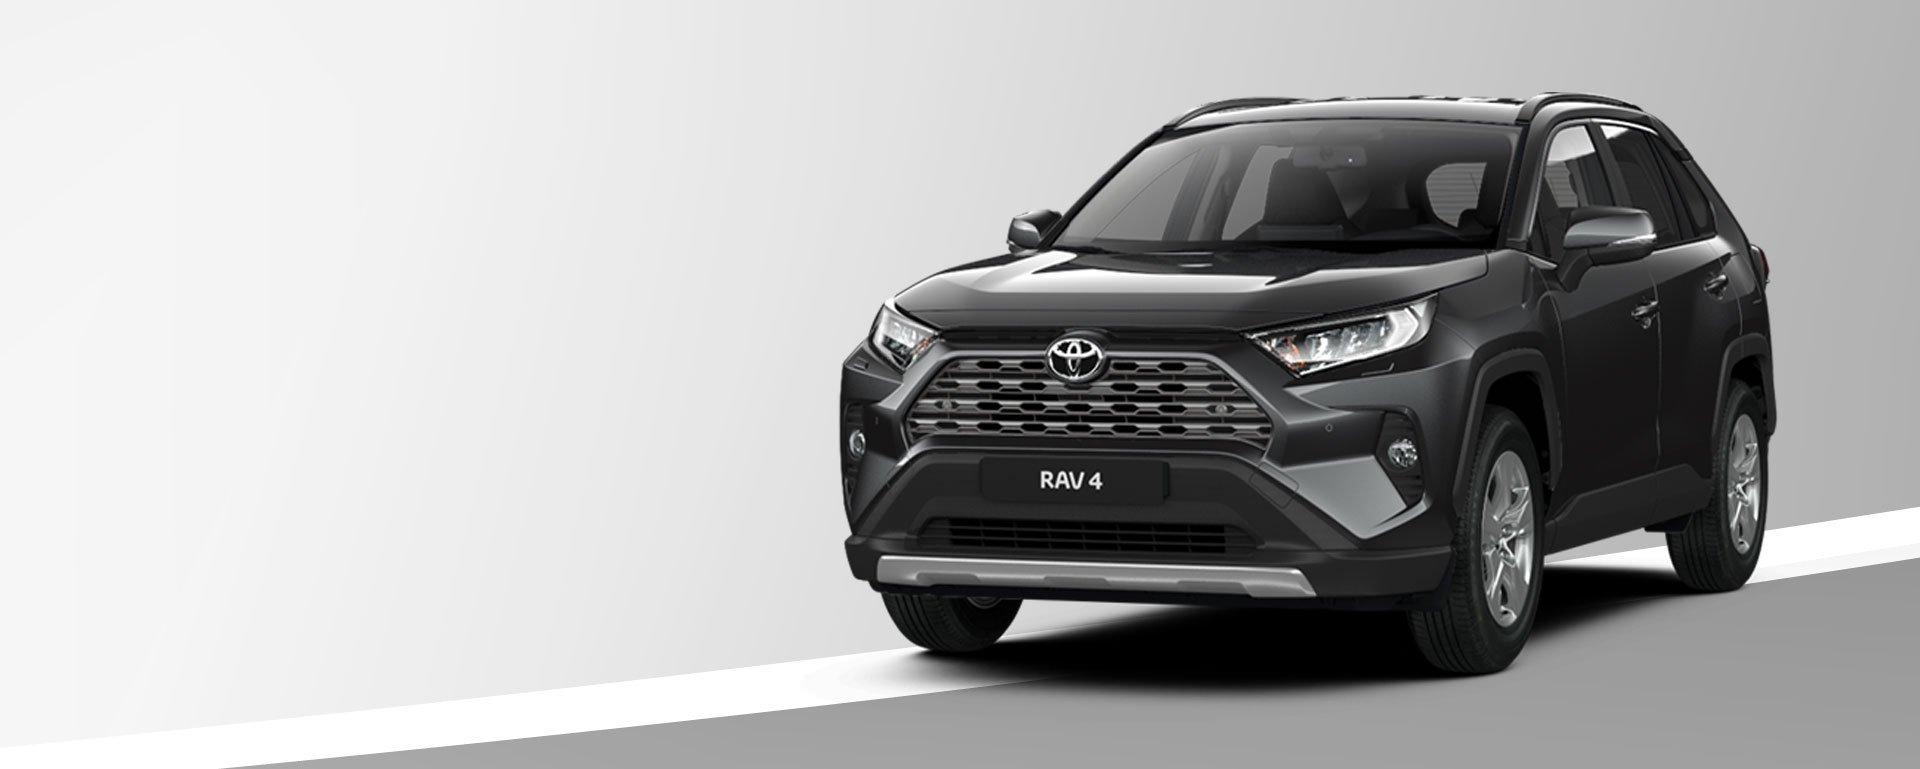 Toyota PLATH. DEAL - RAV 4 Comfort, Leder, LED, Shz